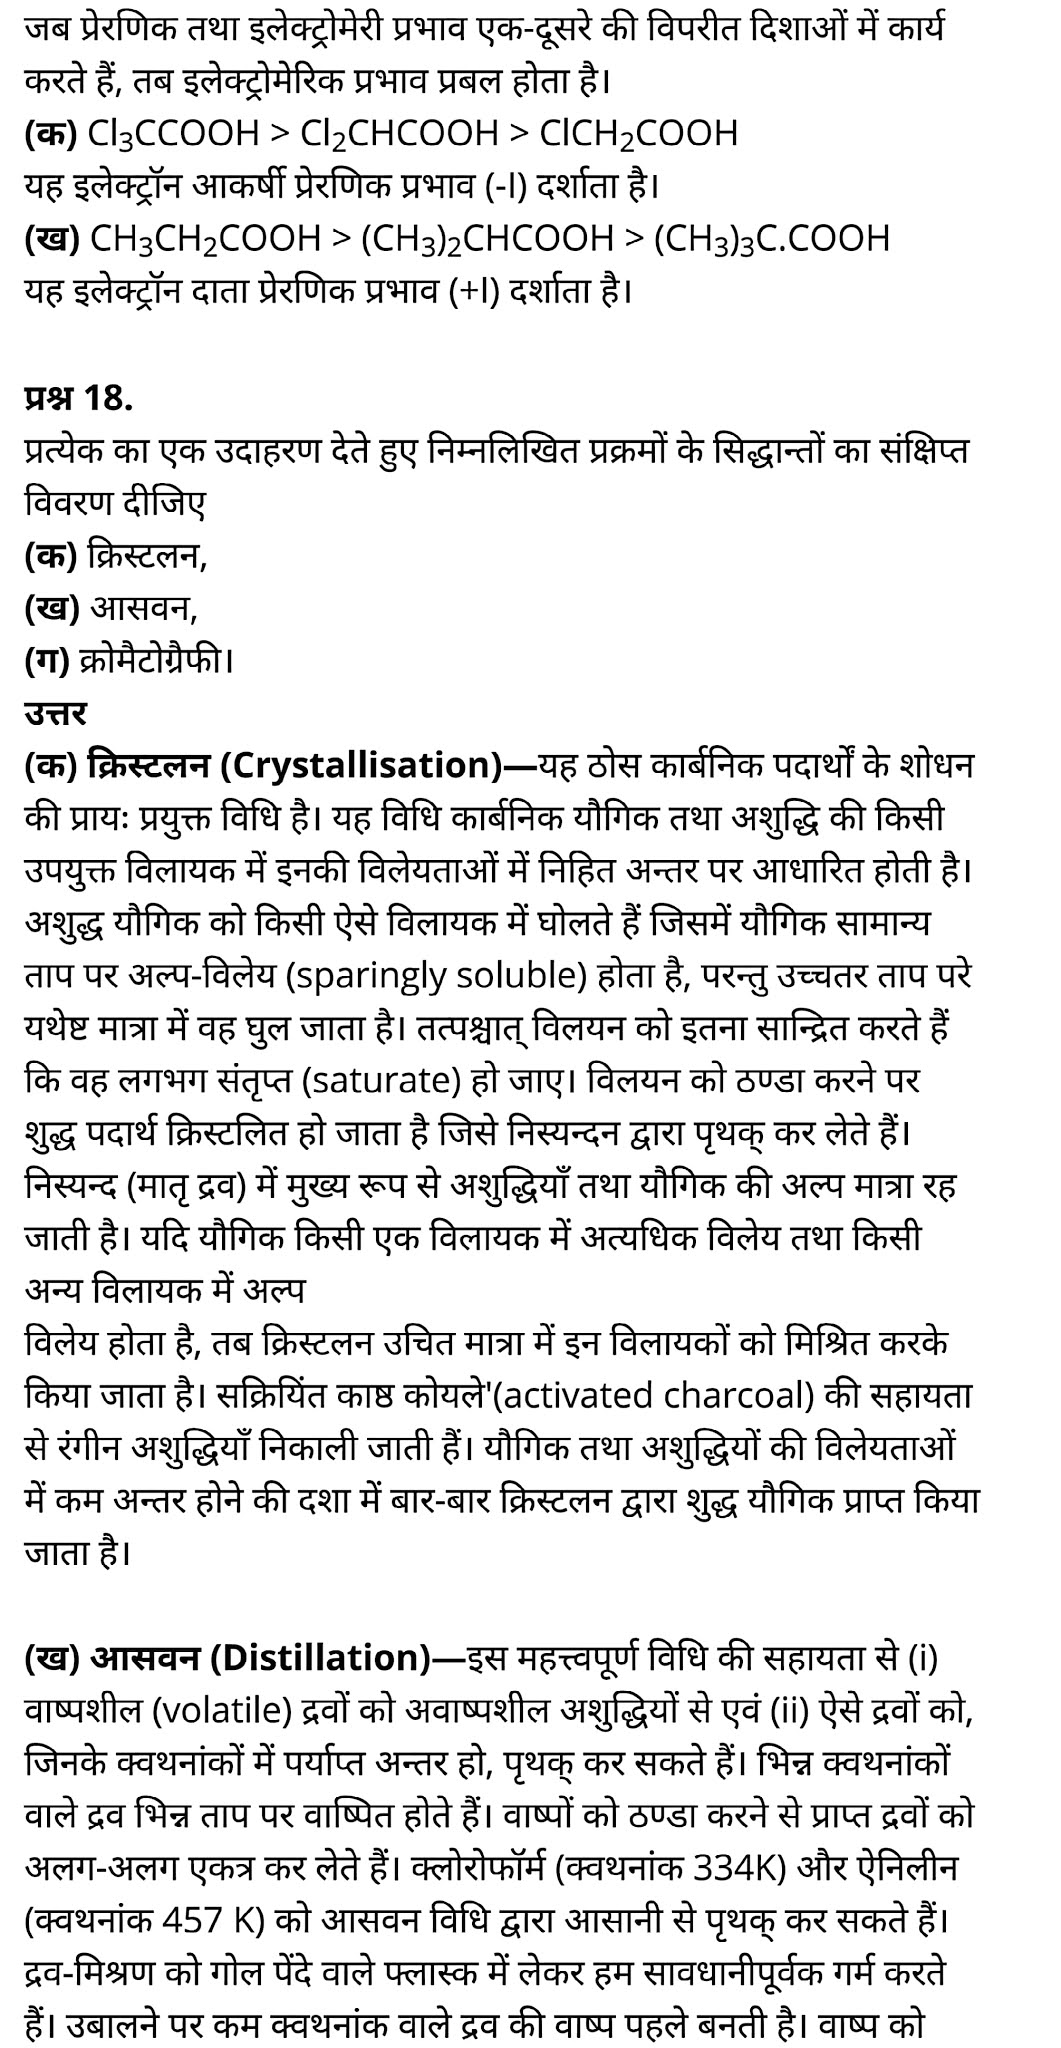 कक्षा 11 रसायन विज्ञान अध्याय 12 हिंदी में एनसीईआरटी समाधान